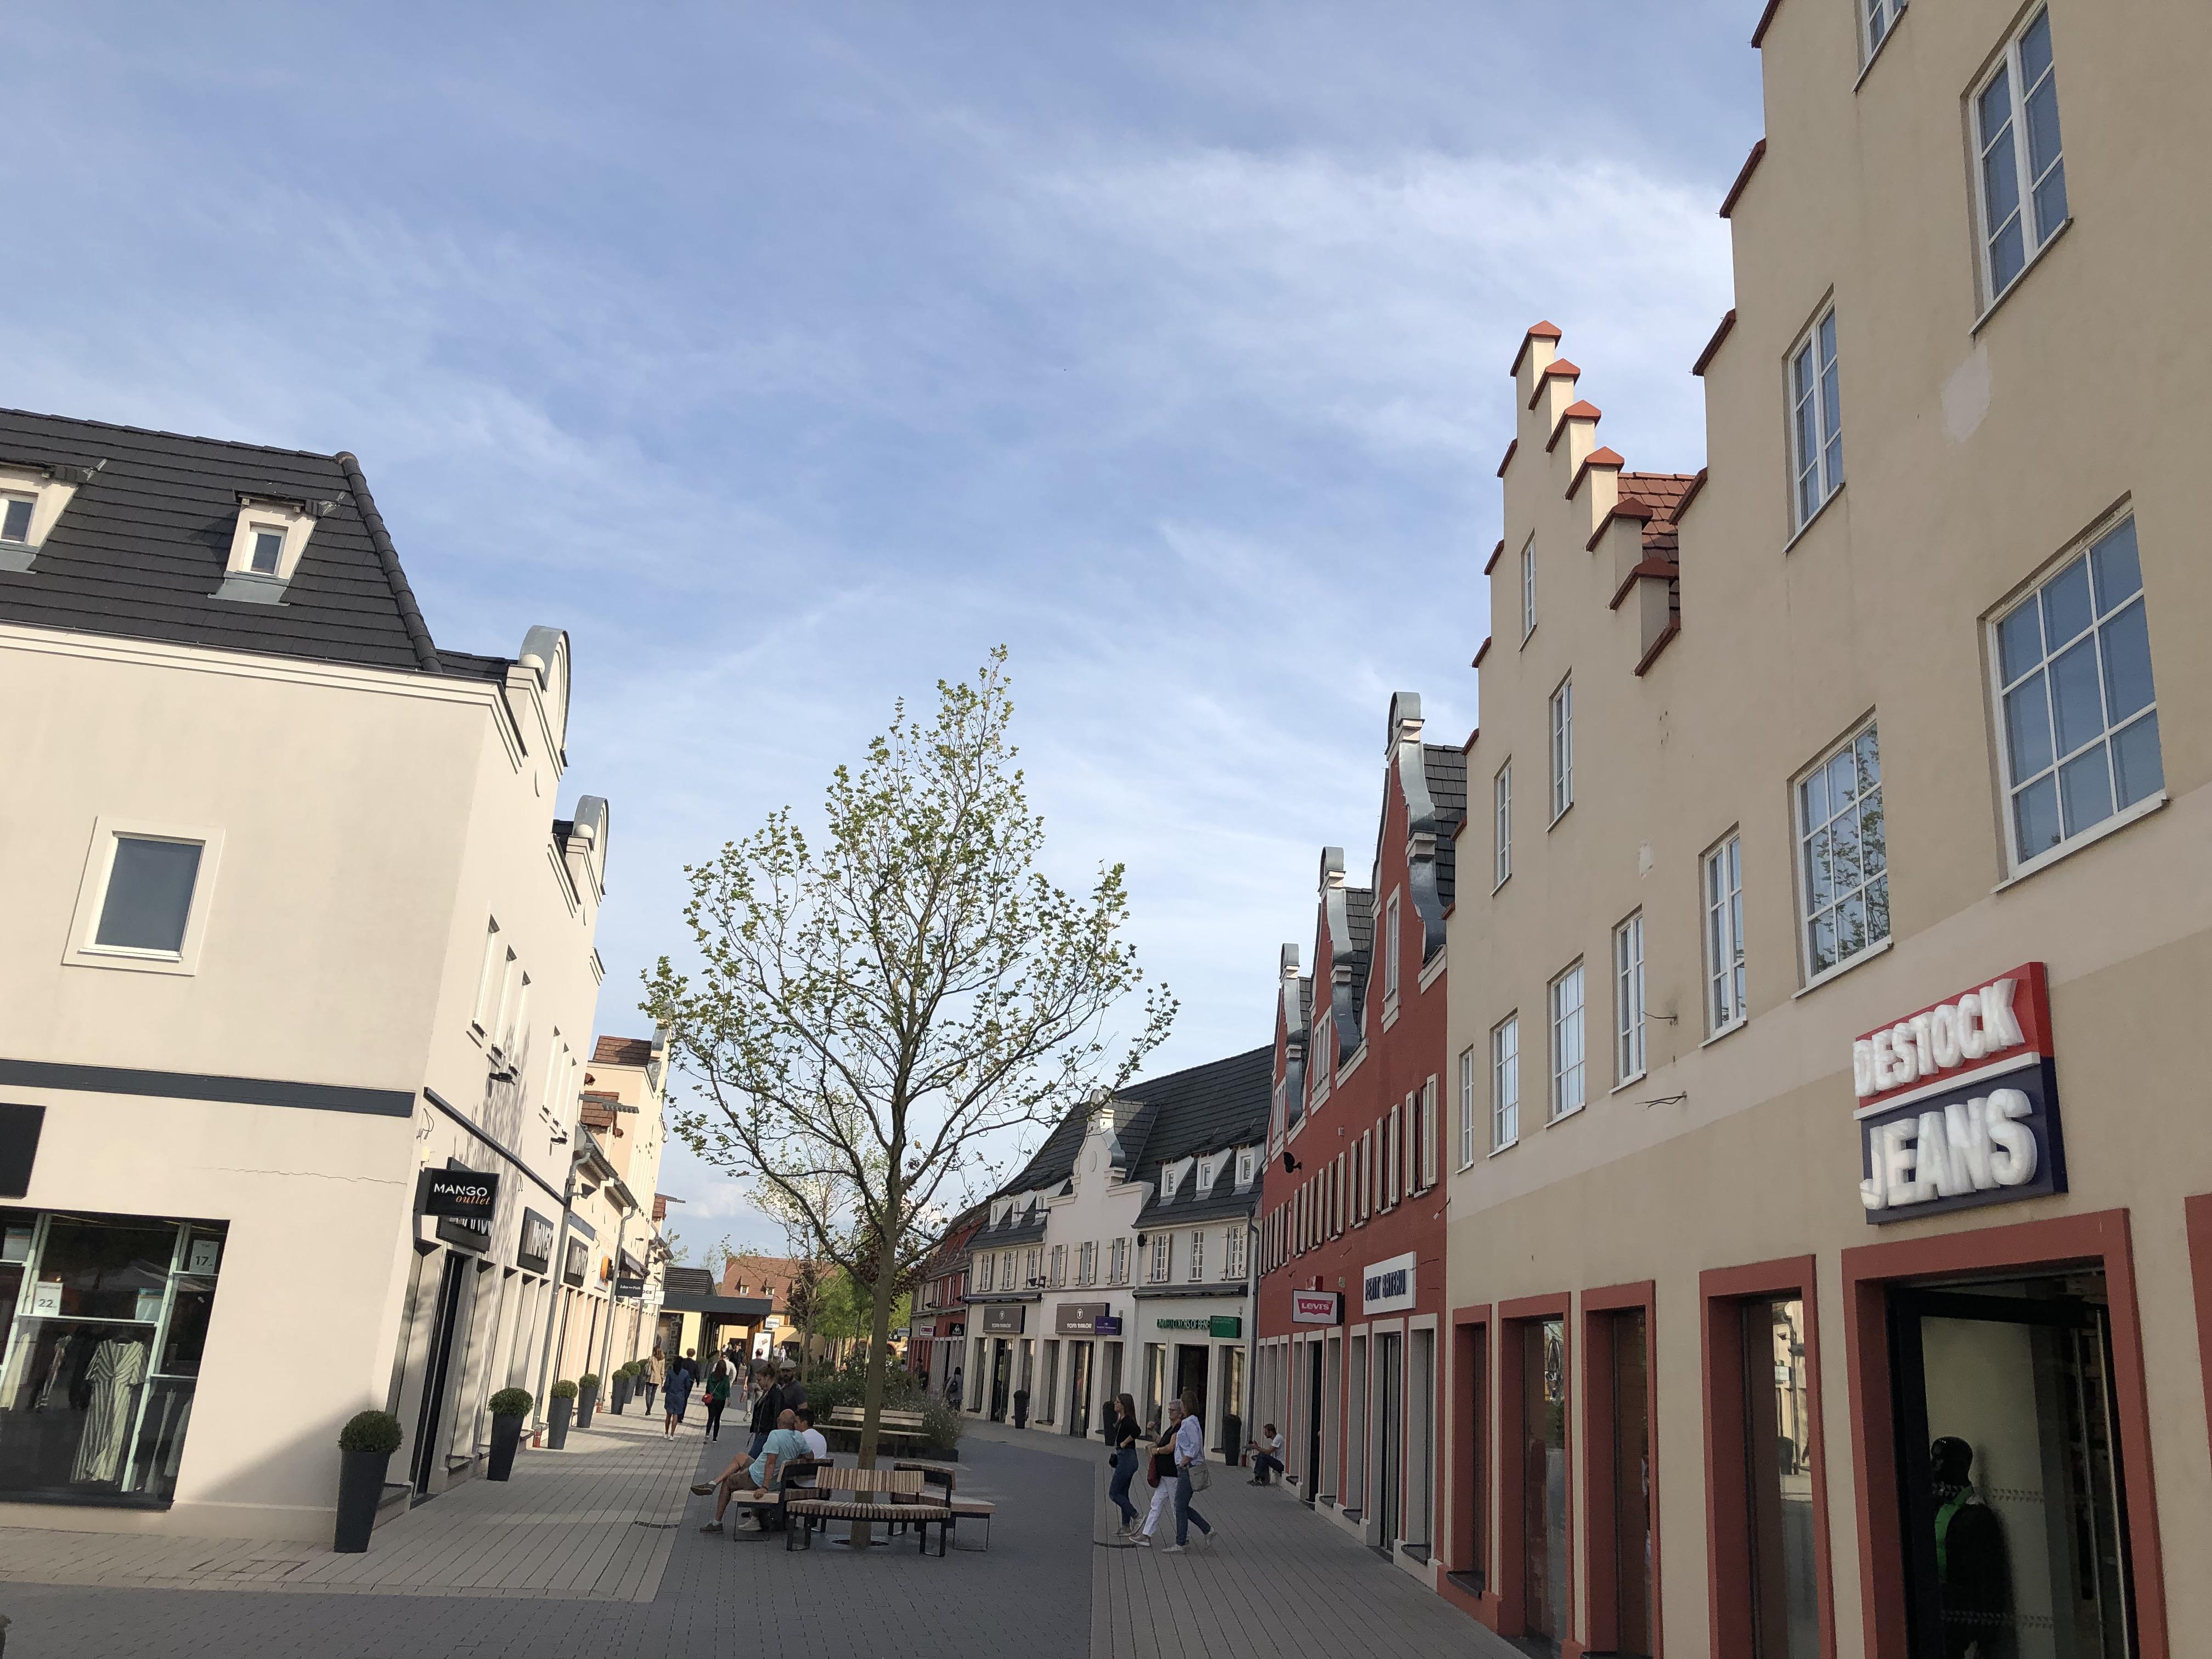 650 employés travaillent au sein de Roppenheim the style outlets.